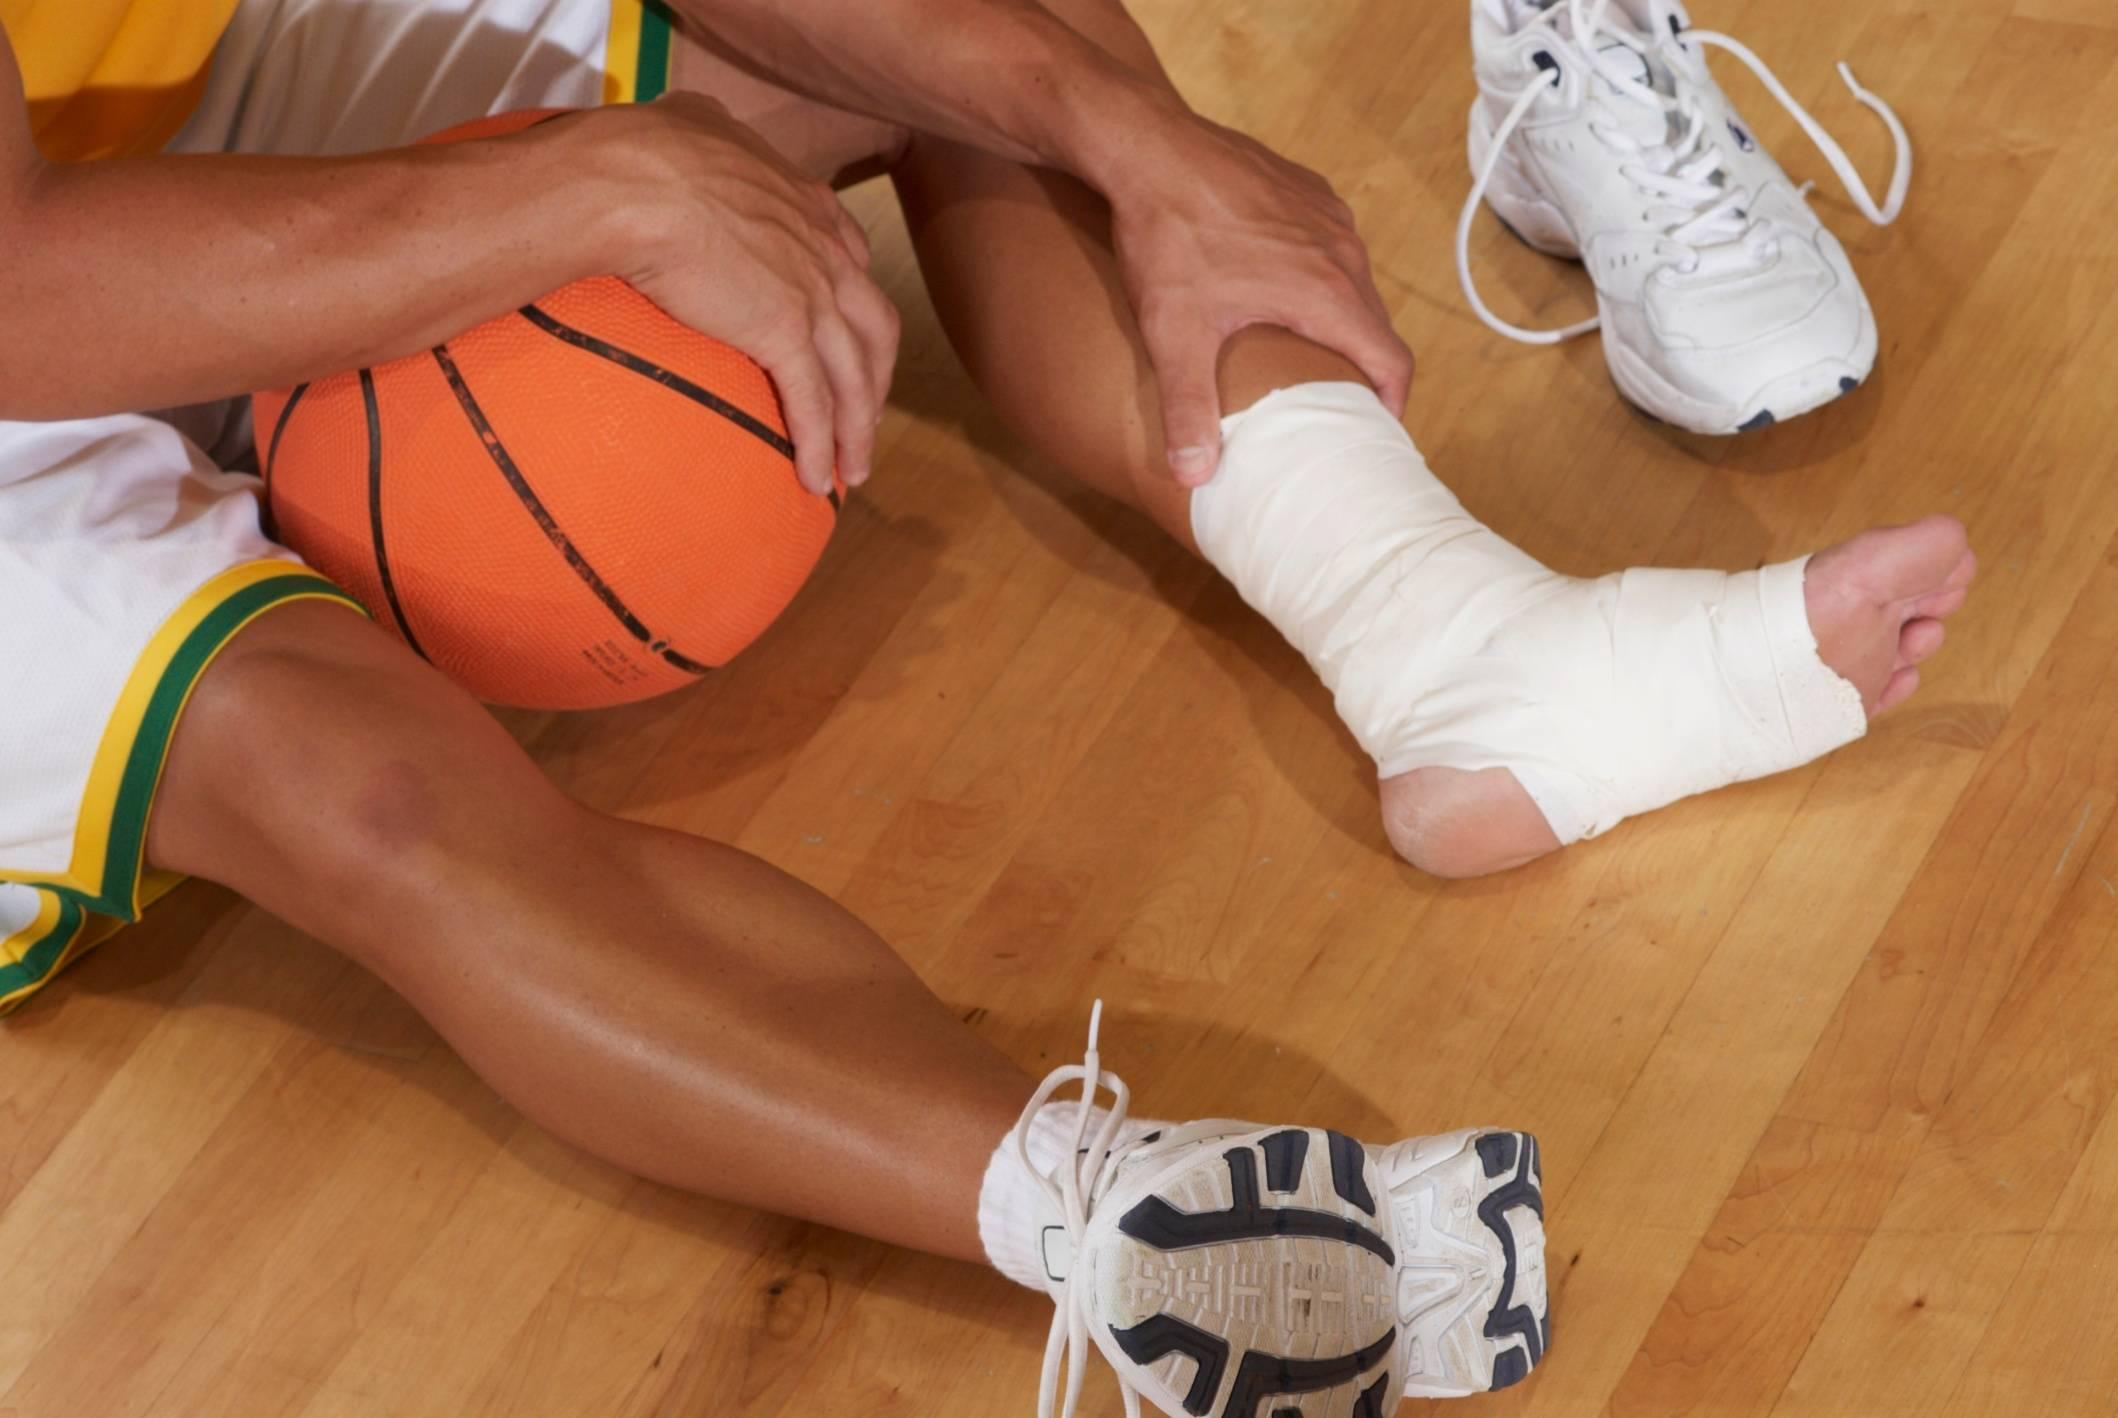 Реферат: спортивный травматизм (причины и профилактика)